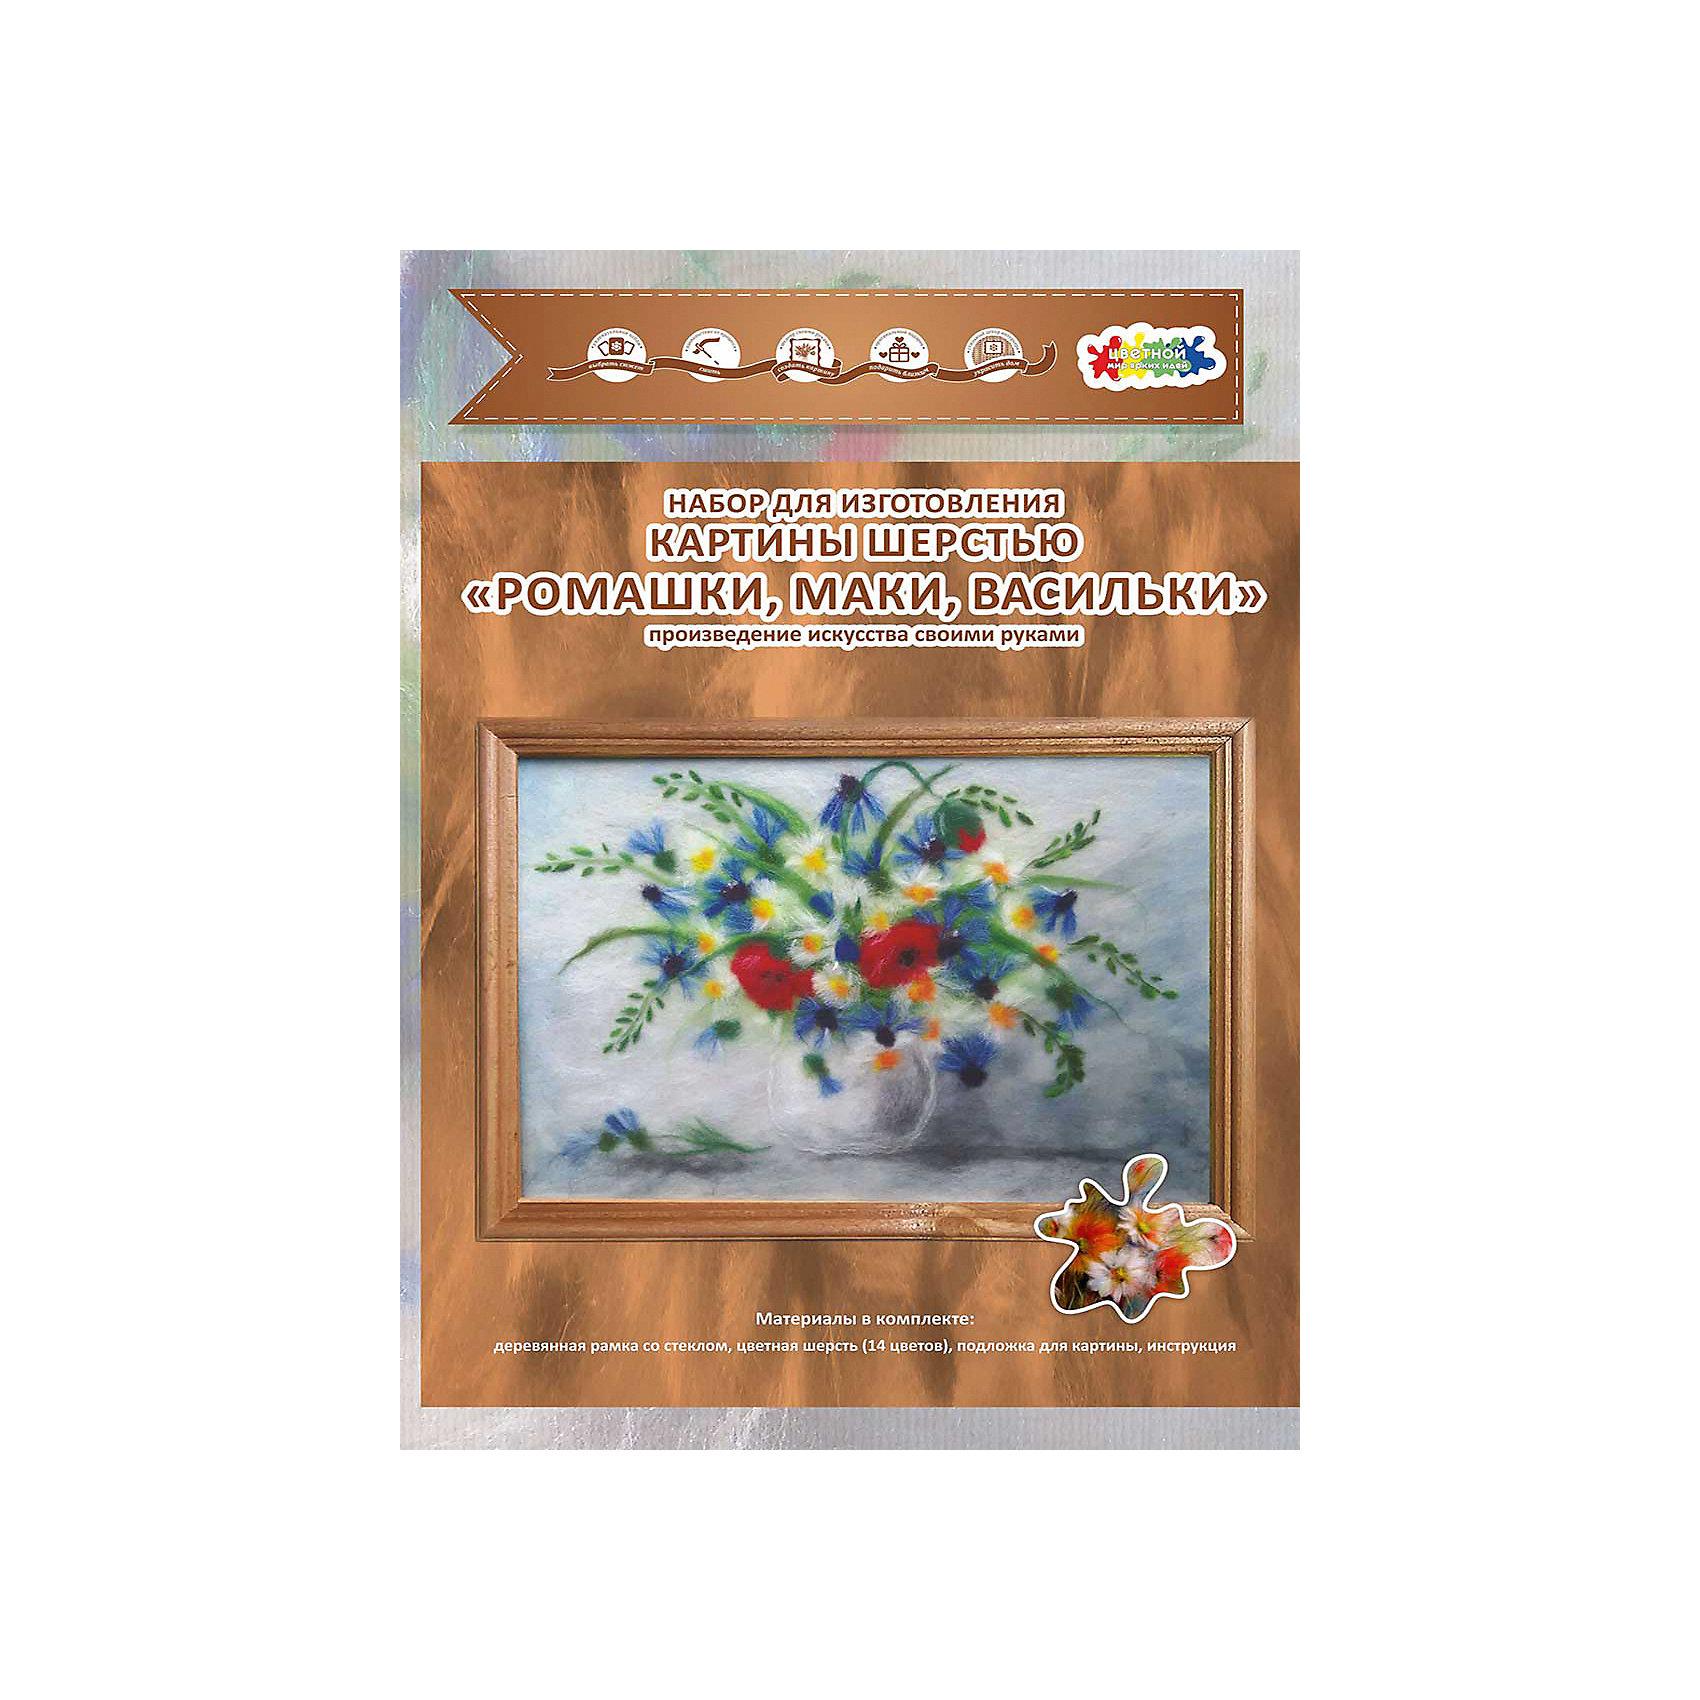 Картина шерстью Ромашки, маки, василькиВ набор входит шерсть натуральная меринос, подложка, трафареты, рамка деревянная со стеклом, подробная инструкция. Получается обьемная, необыкновенная картина с 3D эффеектом.<br><br>Ширина мм: 340<br>Глубина мм: 30<br>Высота мм: 240<br>Вес г: 550<br>Возраст от месяцев: 120<br>Возраст до месяцев: 180<br>Пол: Унисекс<br>Возраст: Детский<br>SKU: 5358580